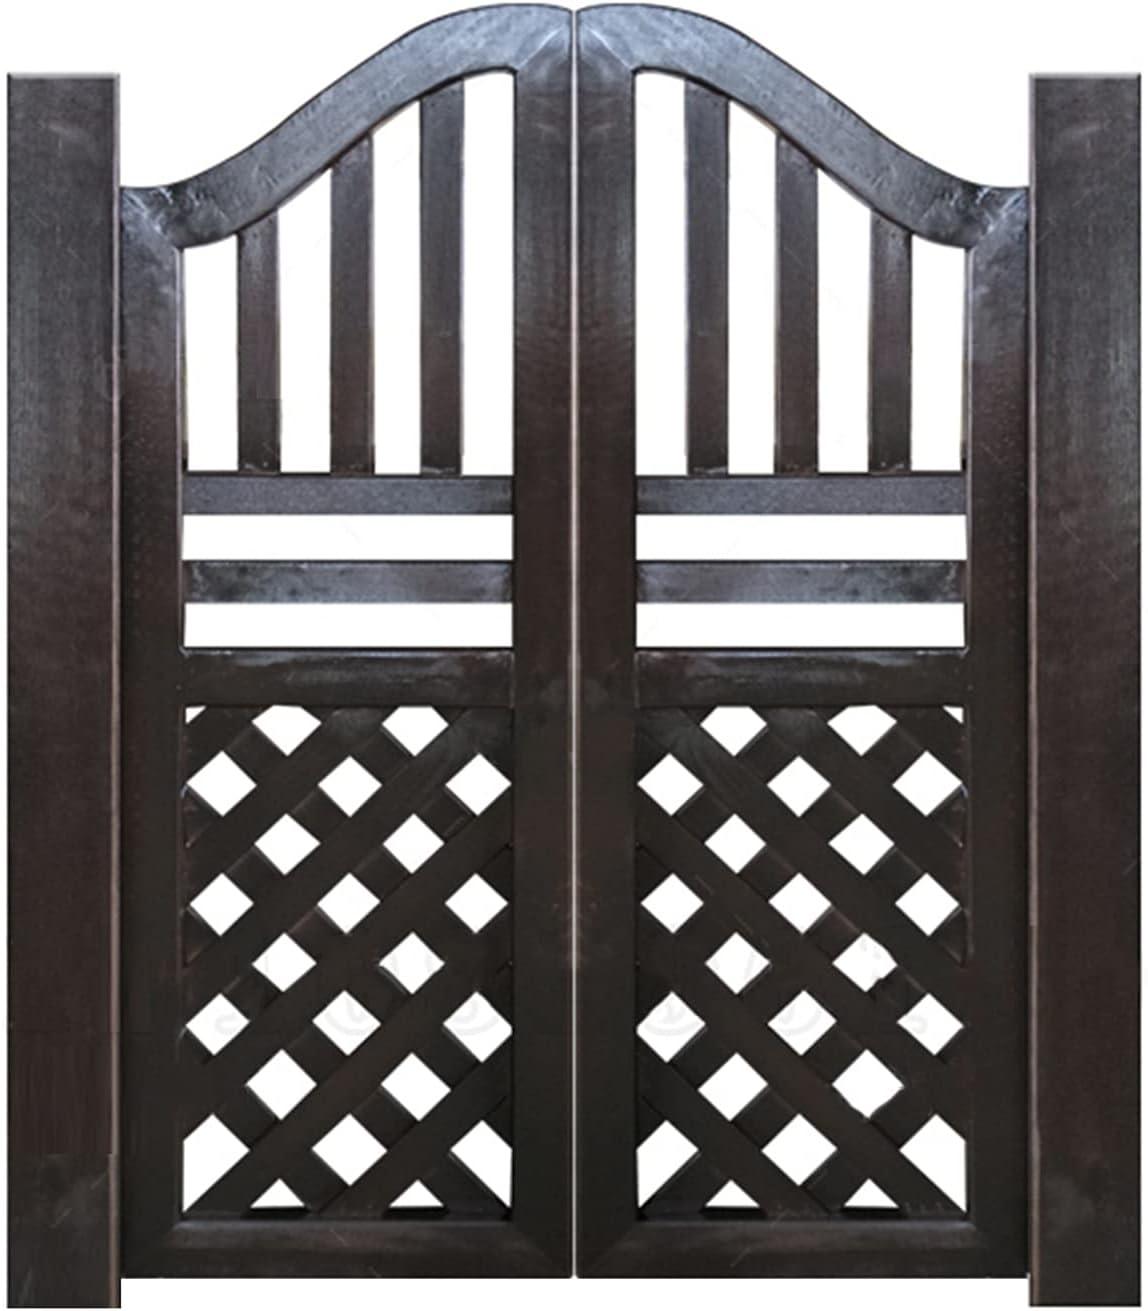 QIANDA Puertas Batientes De Bisagra Cafe,Exterior Media Cintura Puerta De La Cerca Bisagras Incluidas por Jardín Entrada Dividir,Madera Maciza,Tamaño Personalizado